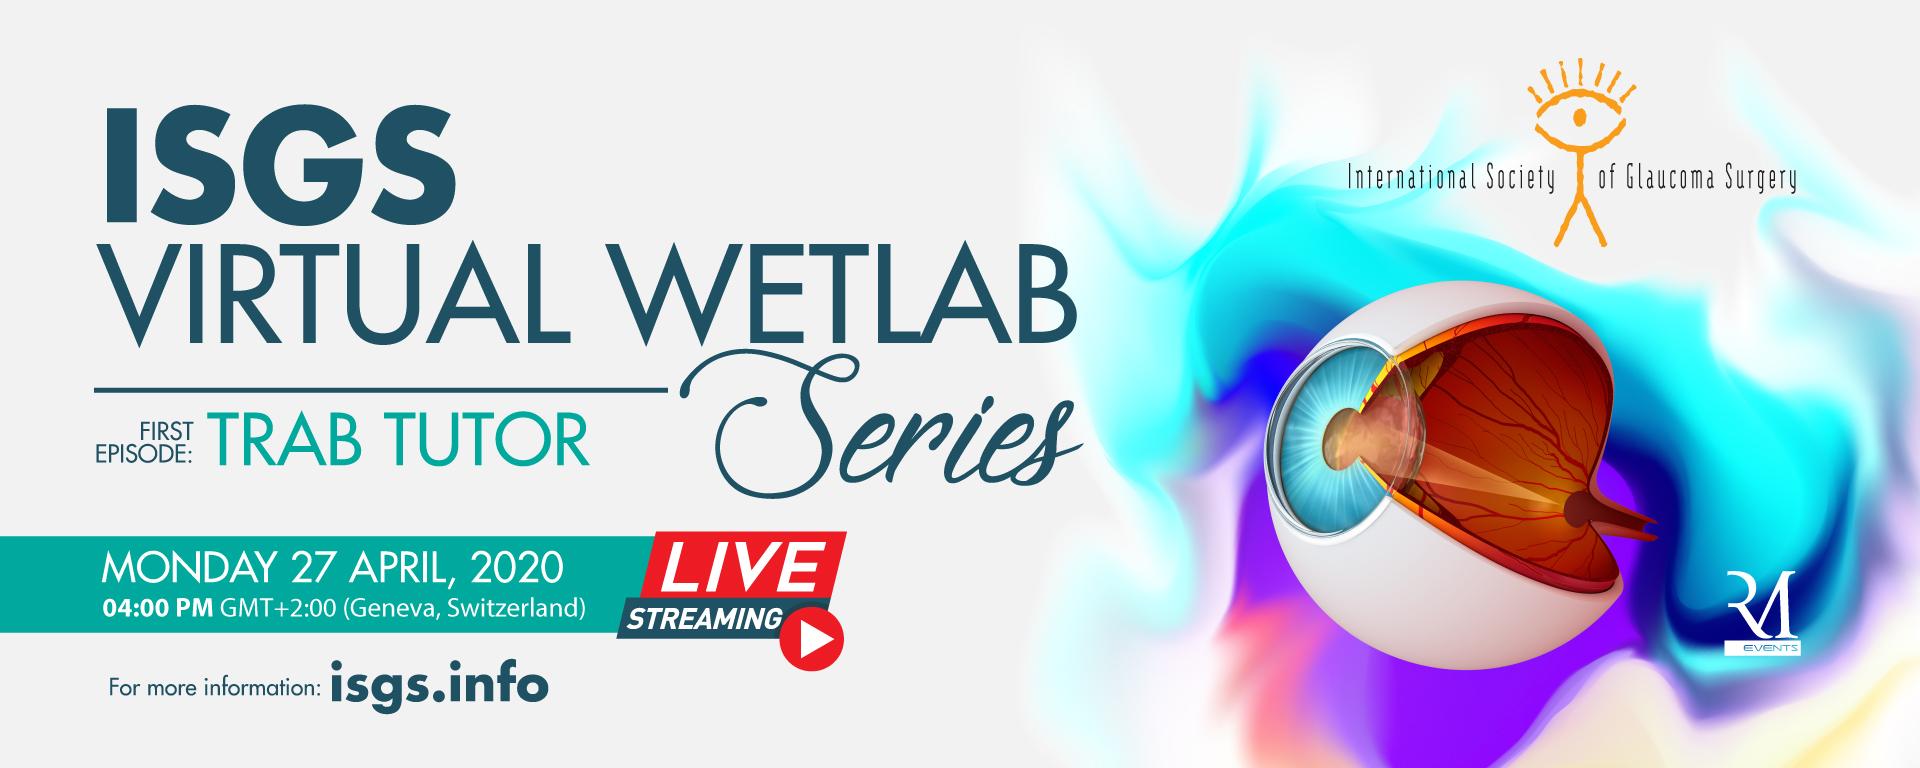 ISGS Virtual Wetlab Series